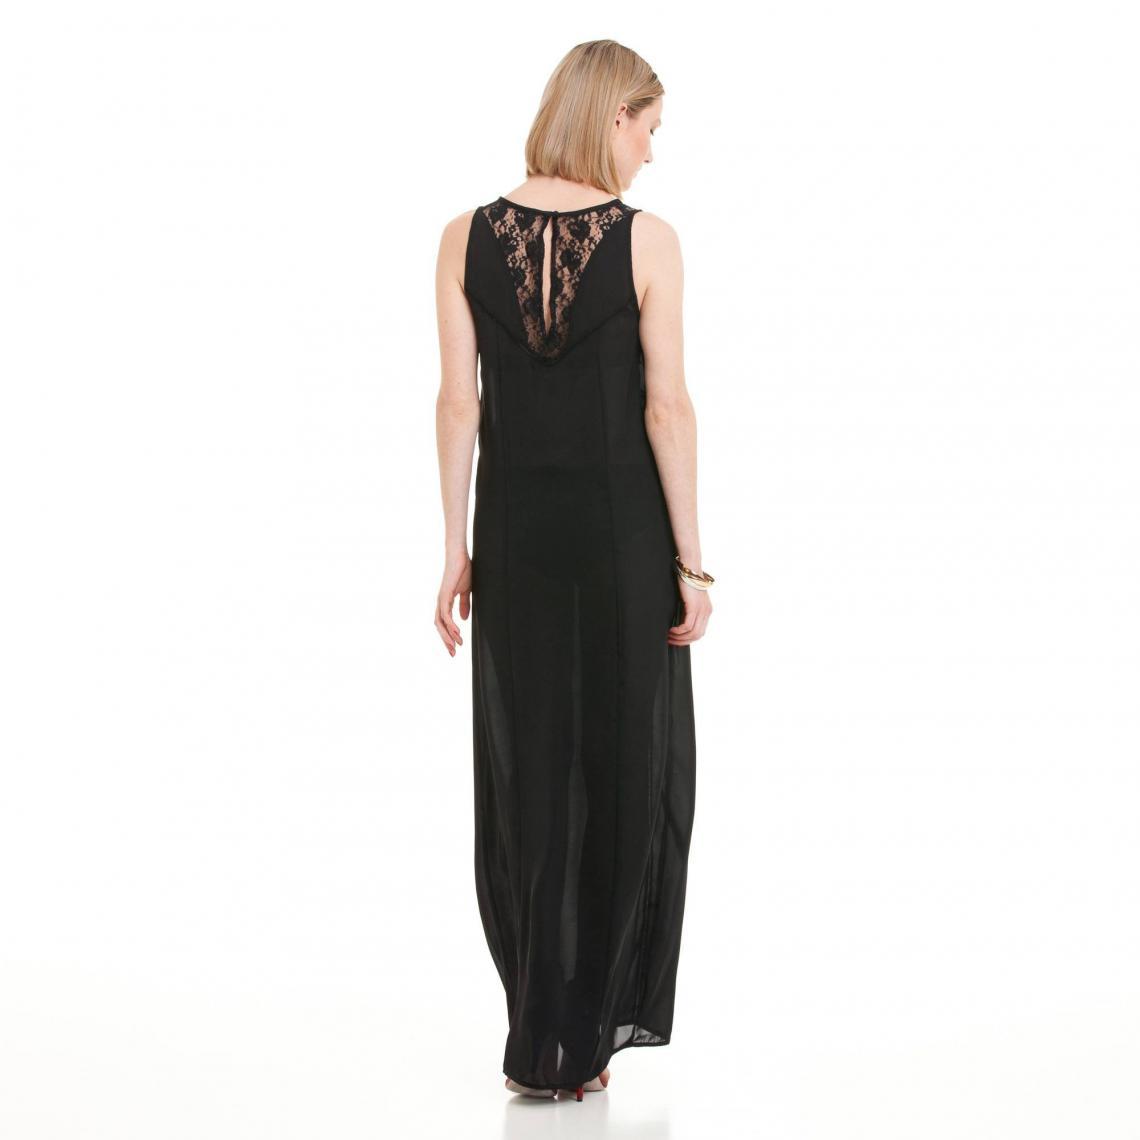 54qajclr3 Longue Femme Robe Sans Et Noir3 Dentelle Ajouré Manches Galon jA4L35R